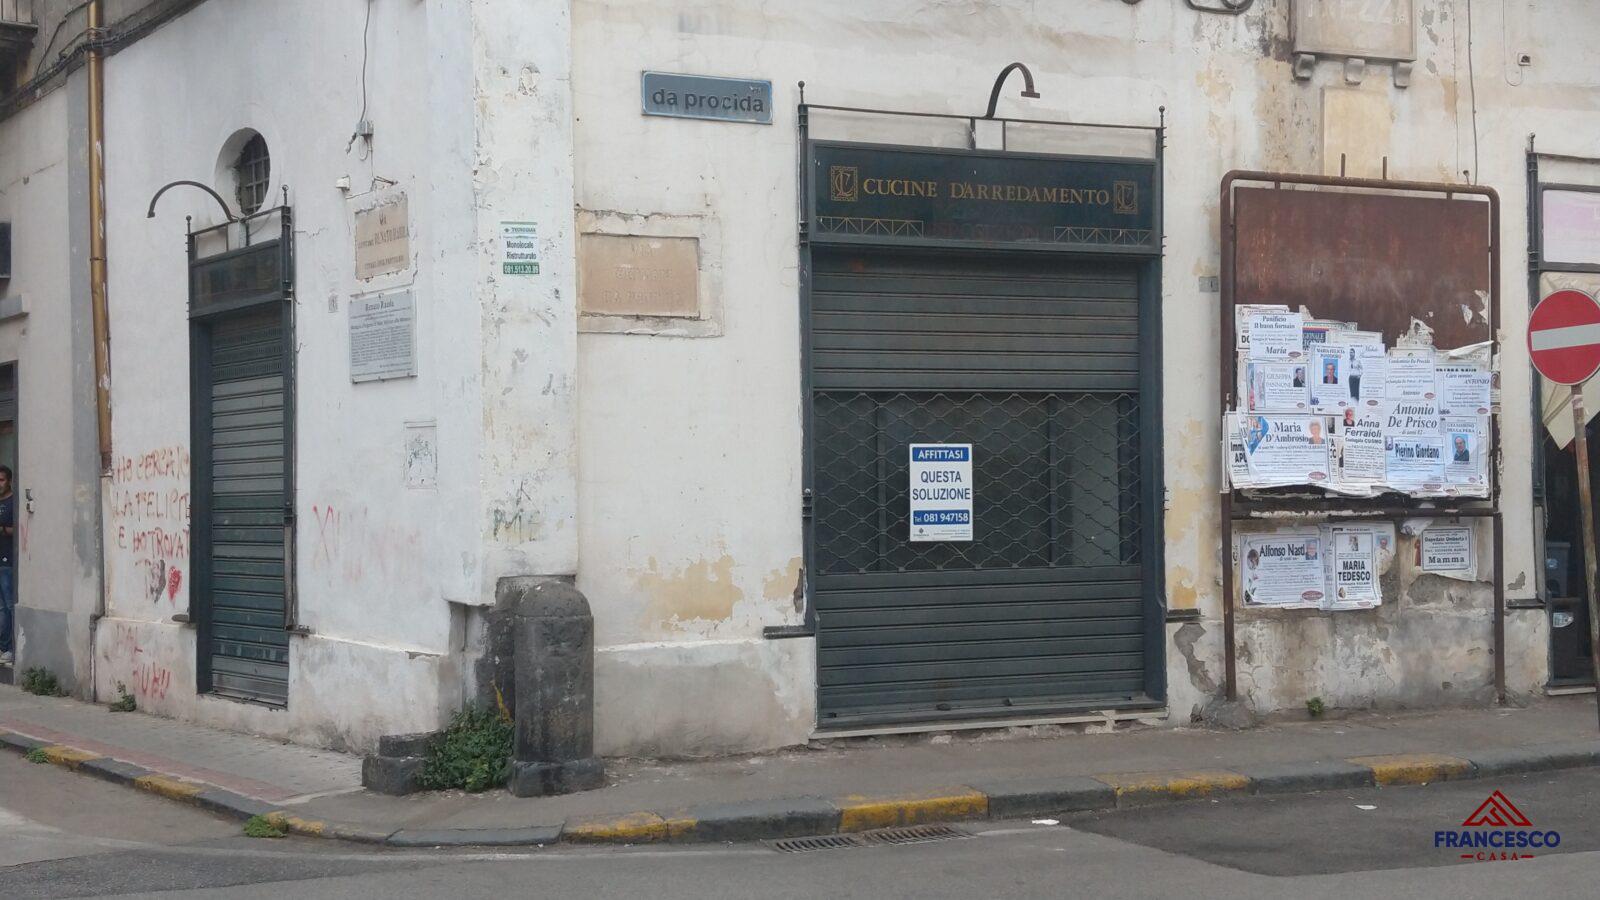 Locale commerciale in affitto ad Angri Via Da Procida